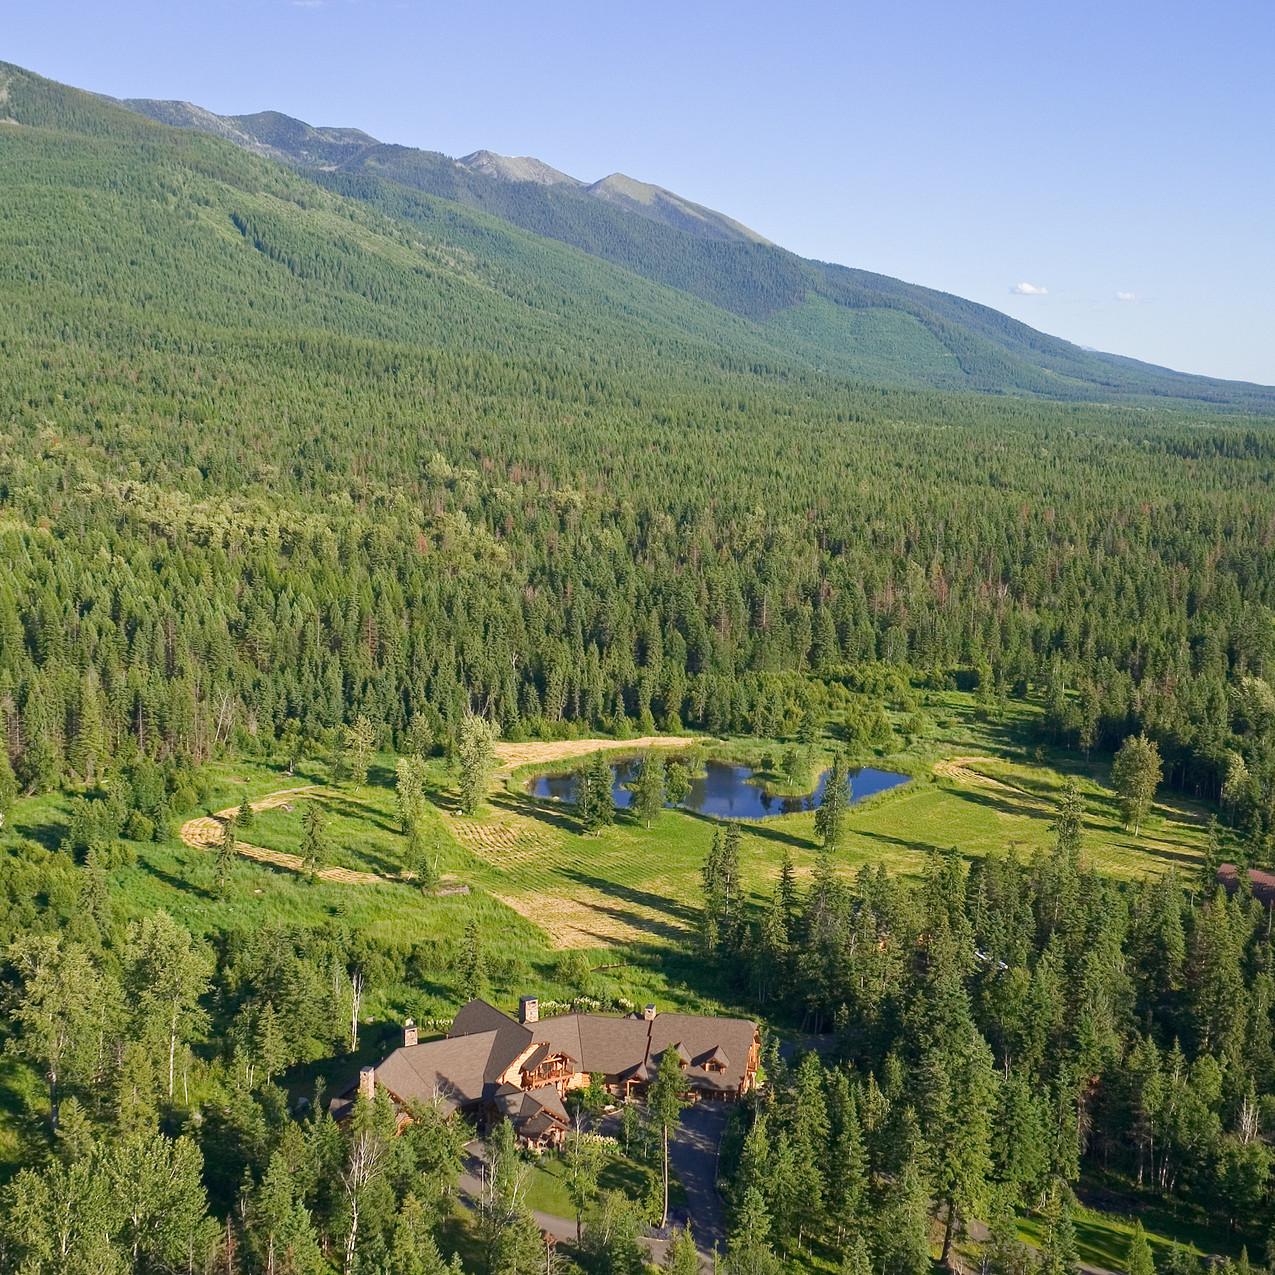 Aerial View of Deer Creek